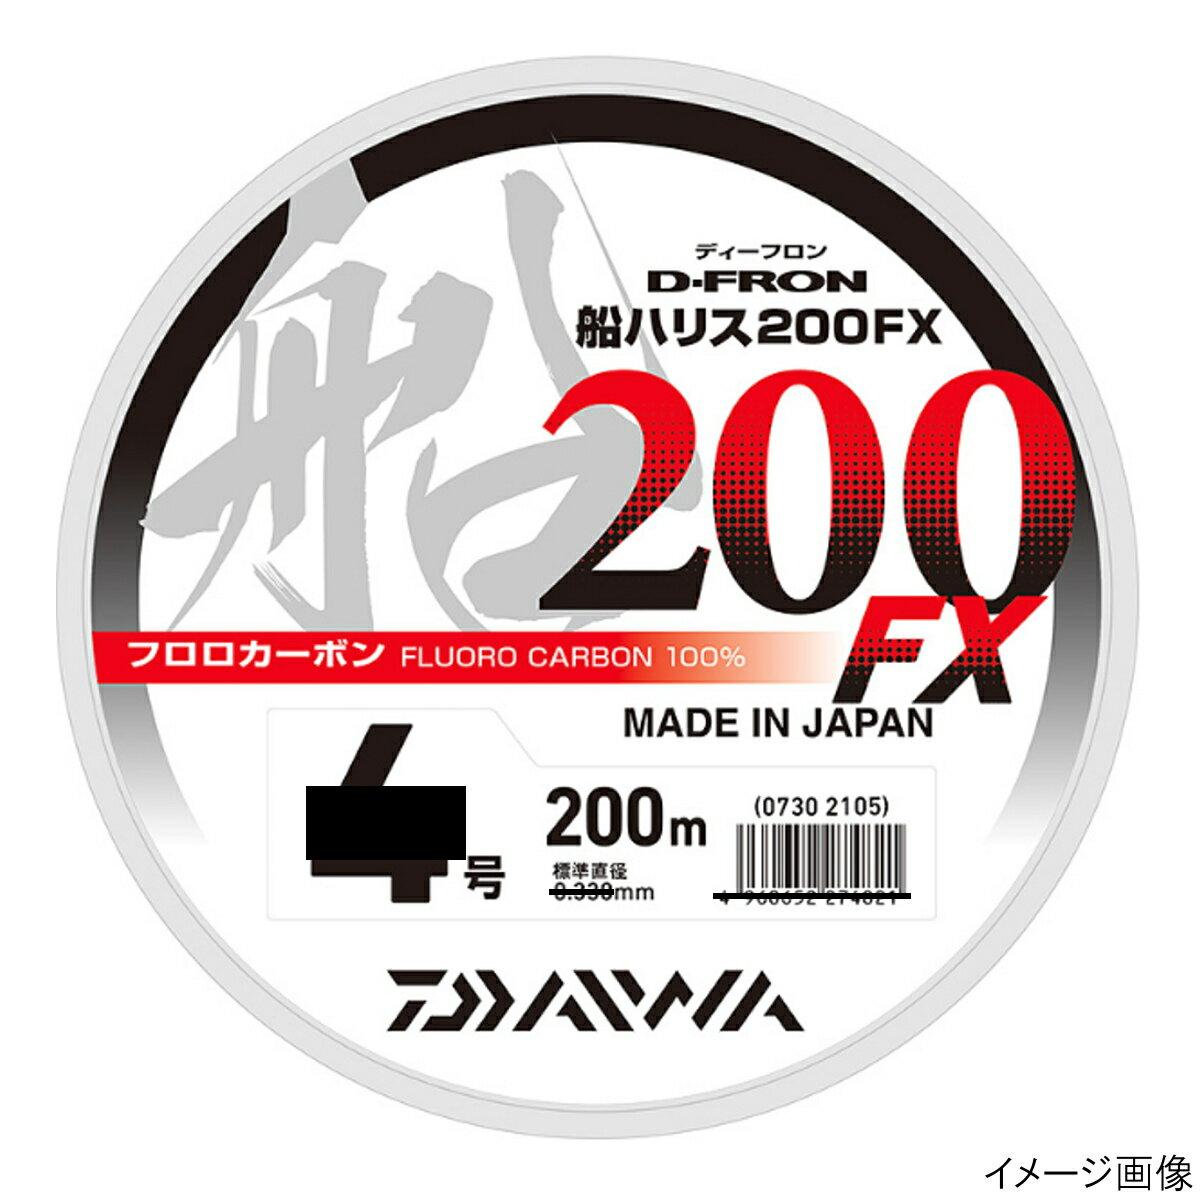 ダイワ ディーフロン船ハリス200FX 200m 5号 ナチュラル【ゆうパケット】